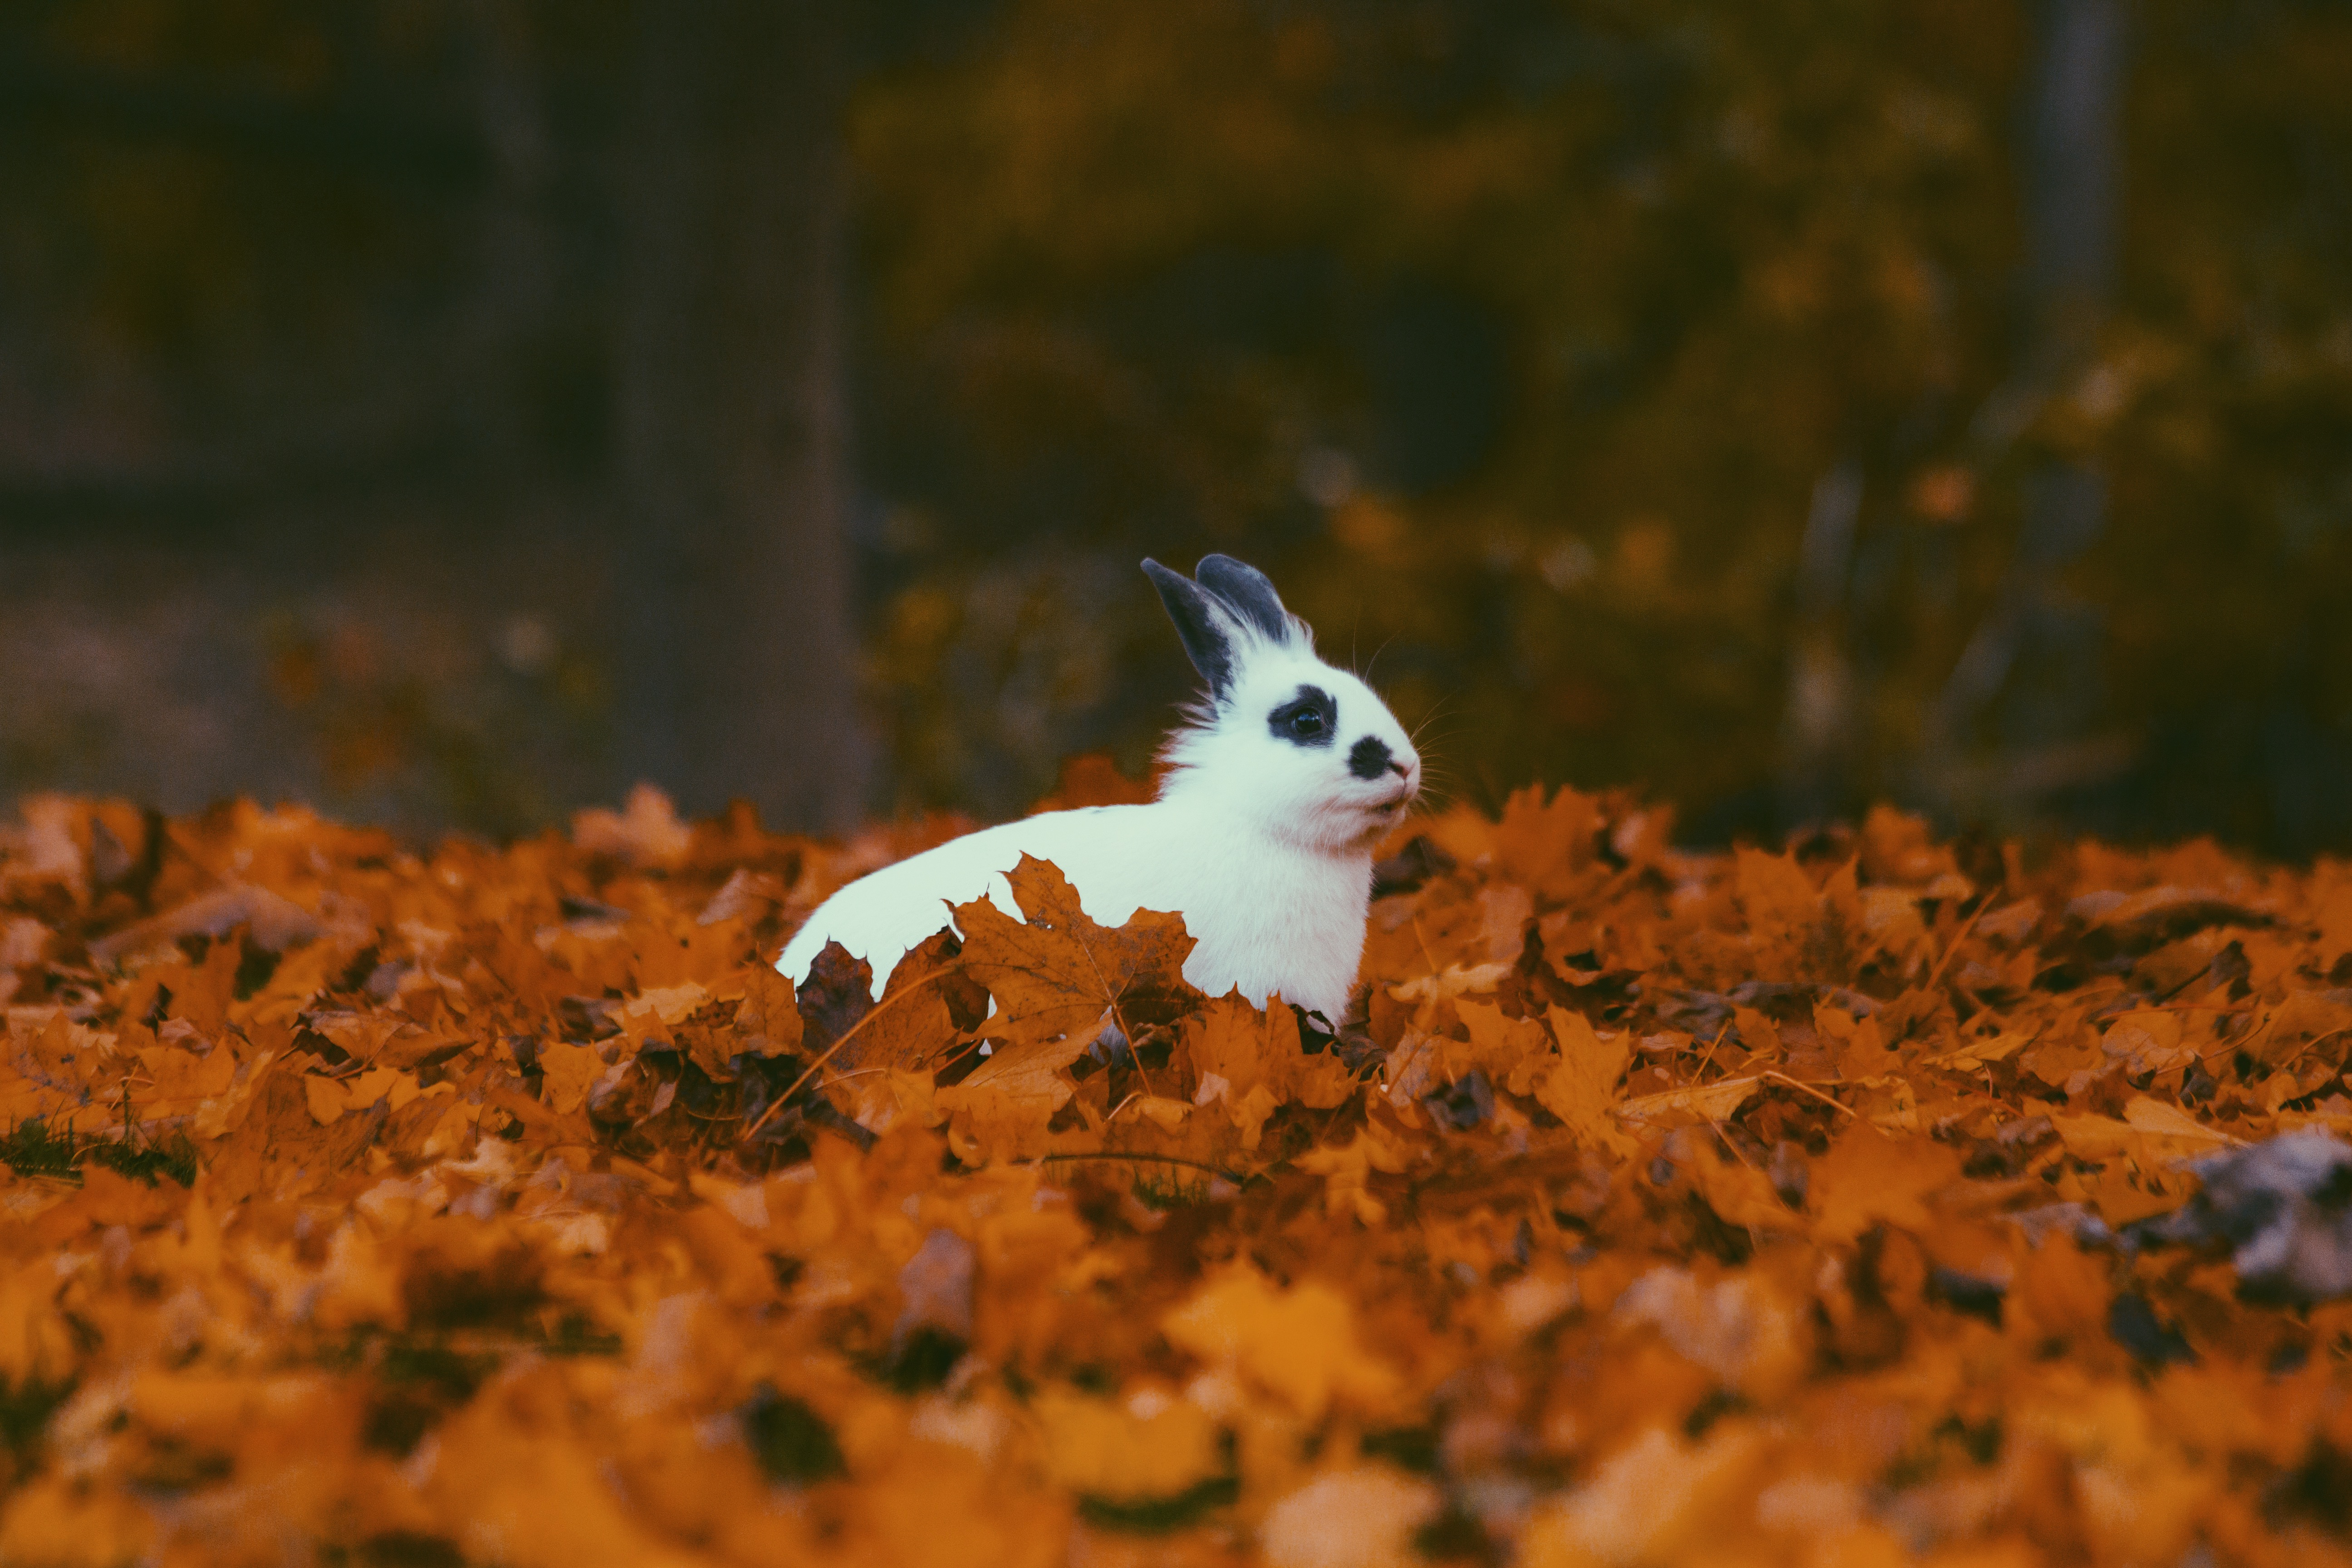 149380 Hintergrundbild herunterladen Kaninchen, Tiere, Herbst, Laub - Bildschirmschoner und Bilder kostenlos